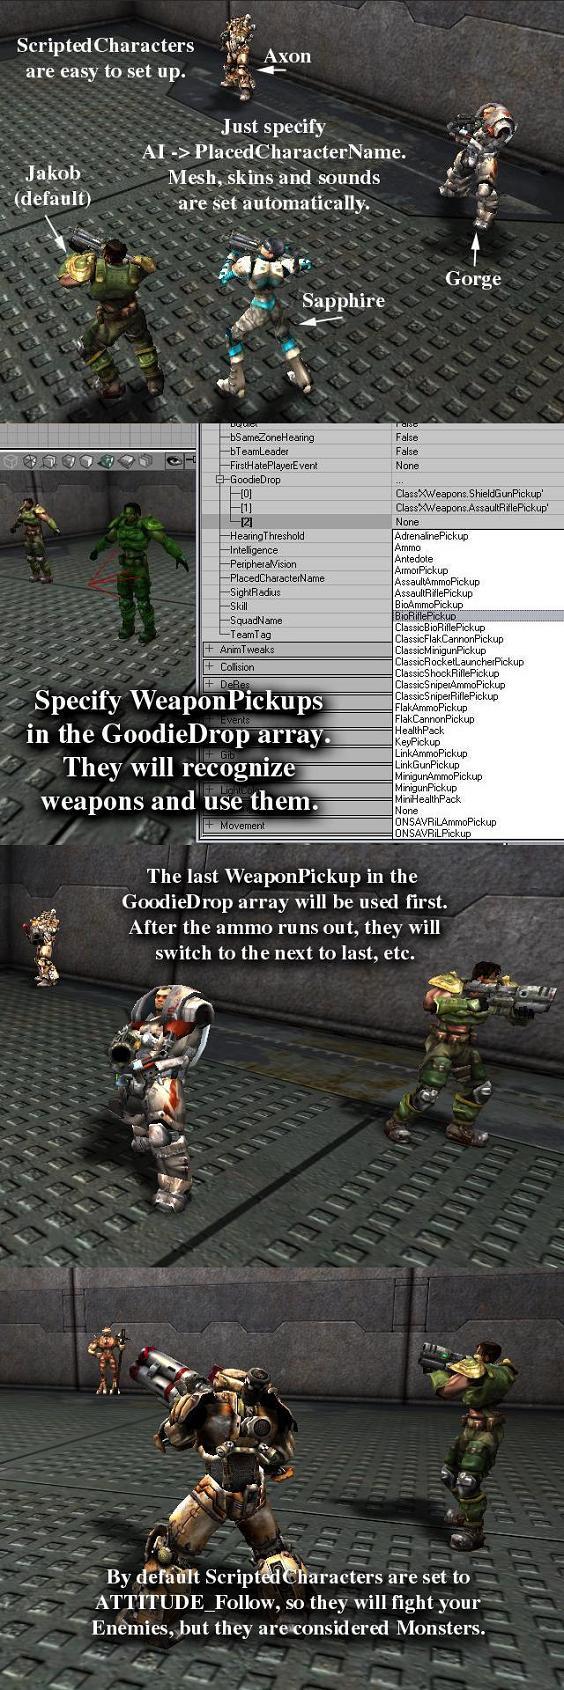 scriptedCharacter features